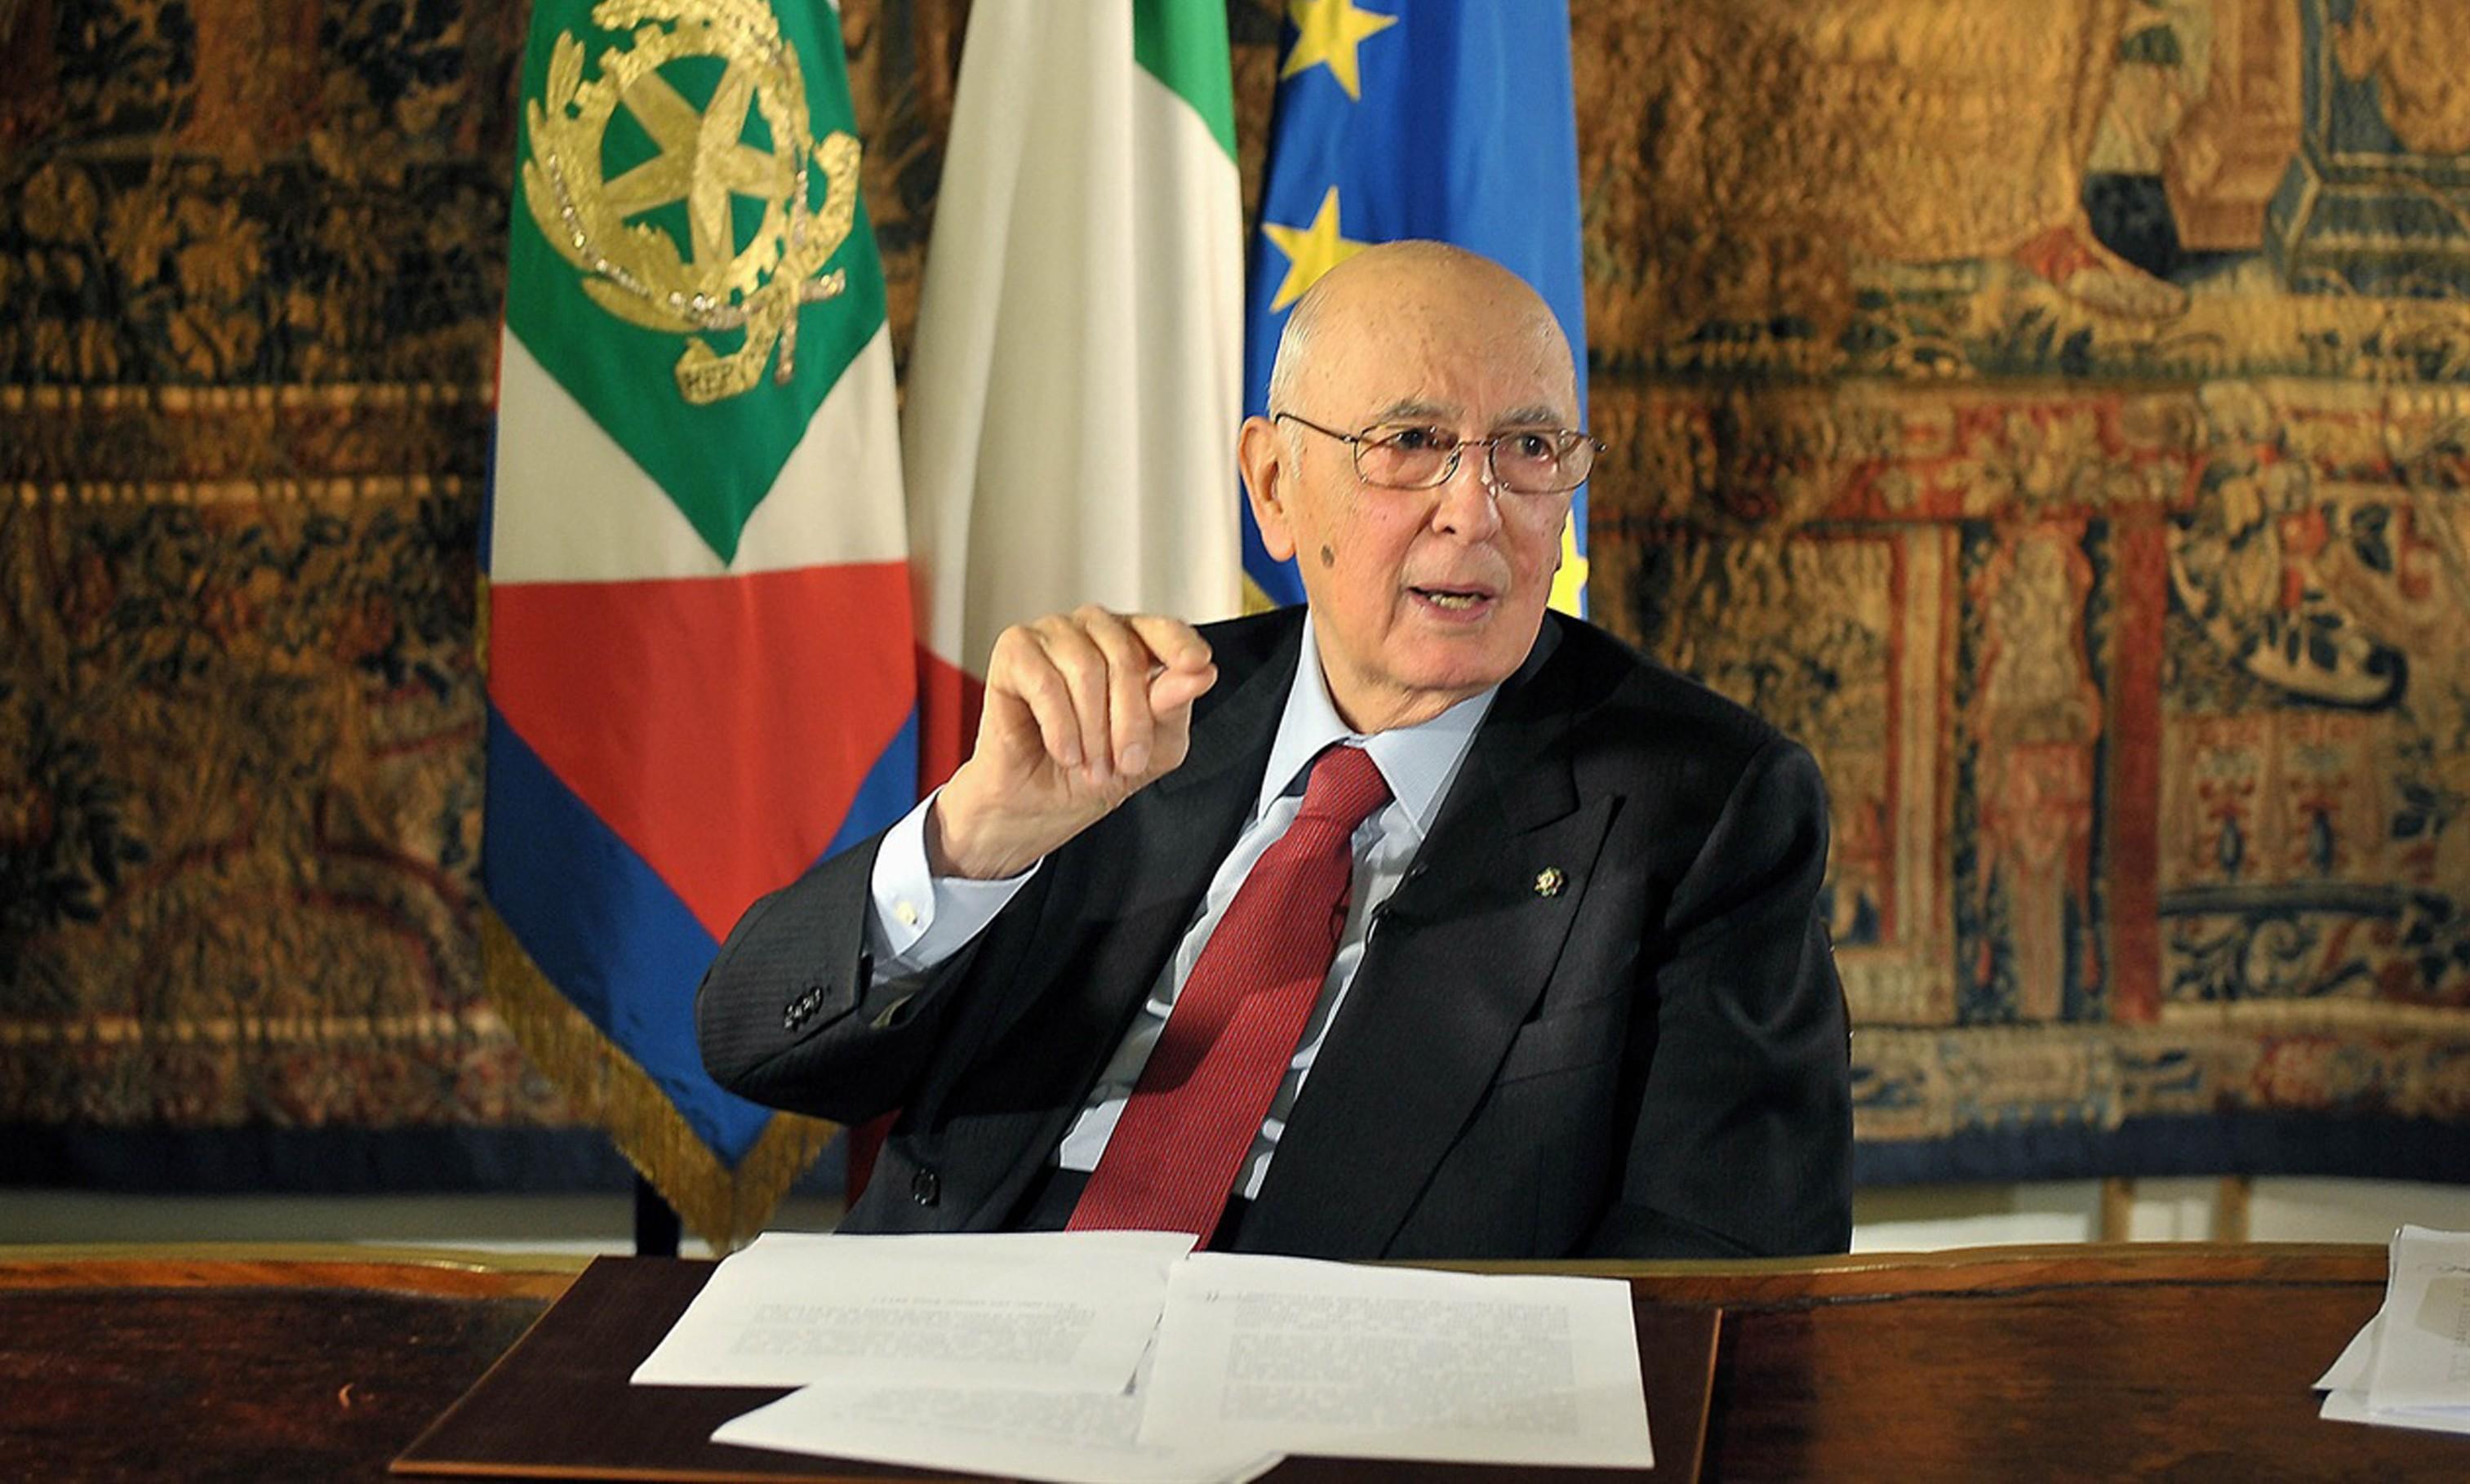 Napolitano rieletto, contrari Sel e M5S. Dura protesta al Parlamento. Pd tutti dimissionari